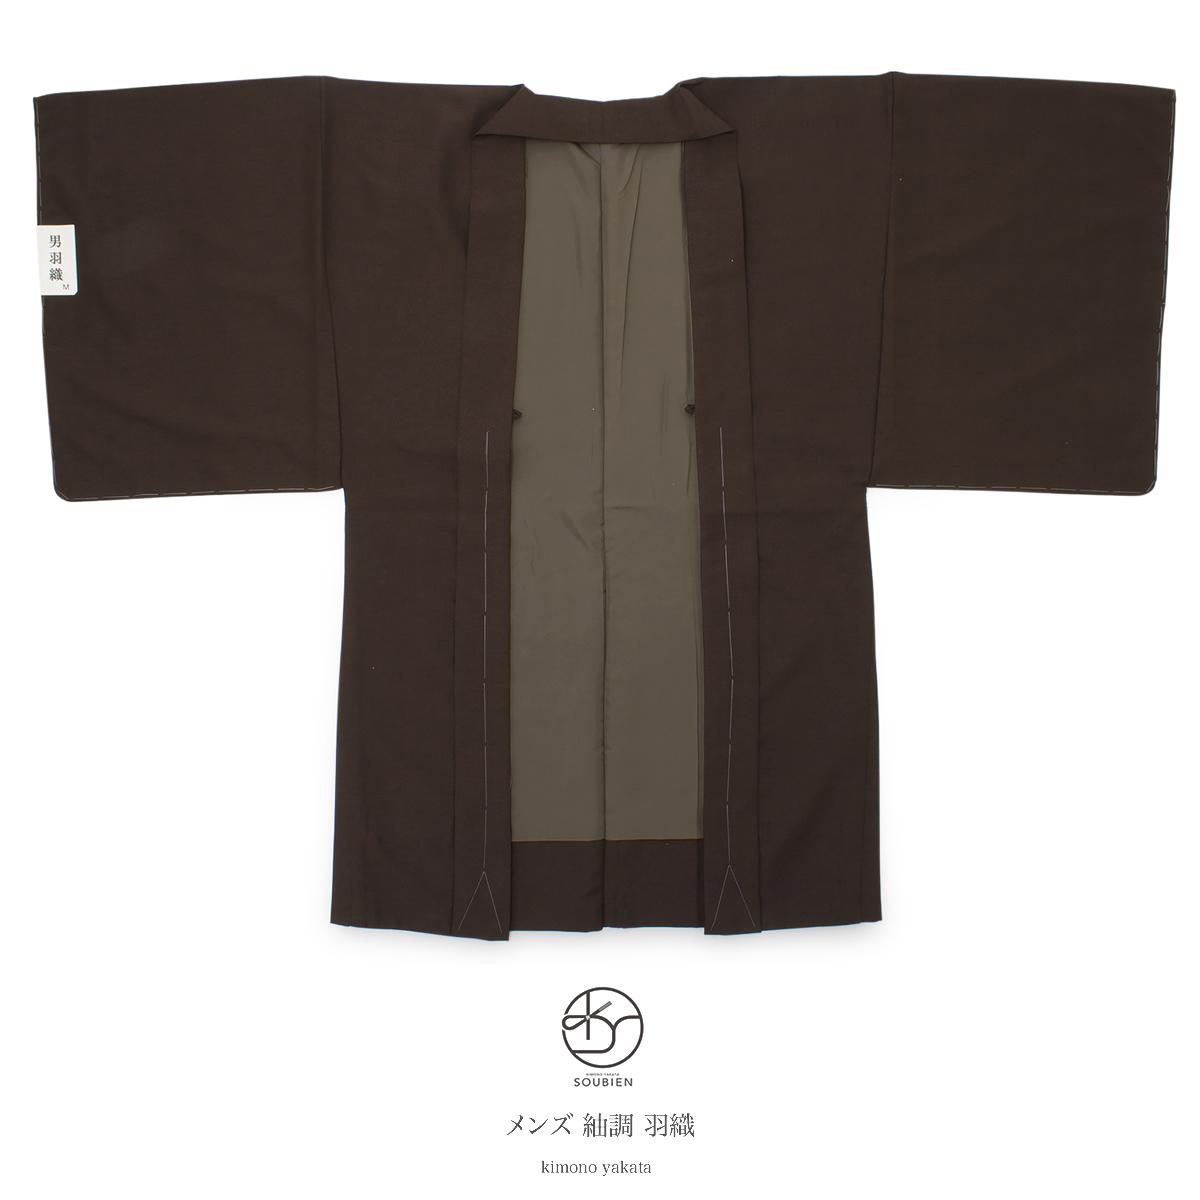 メンズ羽織 焦茶色 ブラウン 無地 シンプル 紬調 カジュアル はおり 男性用 仕立て上がり【Mサイズ】【あす楽対応】【送料無料】